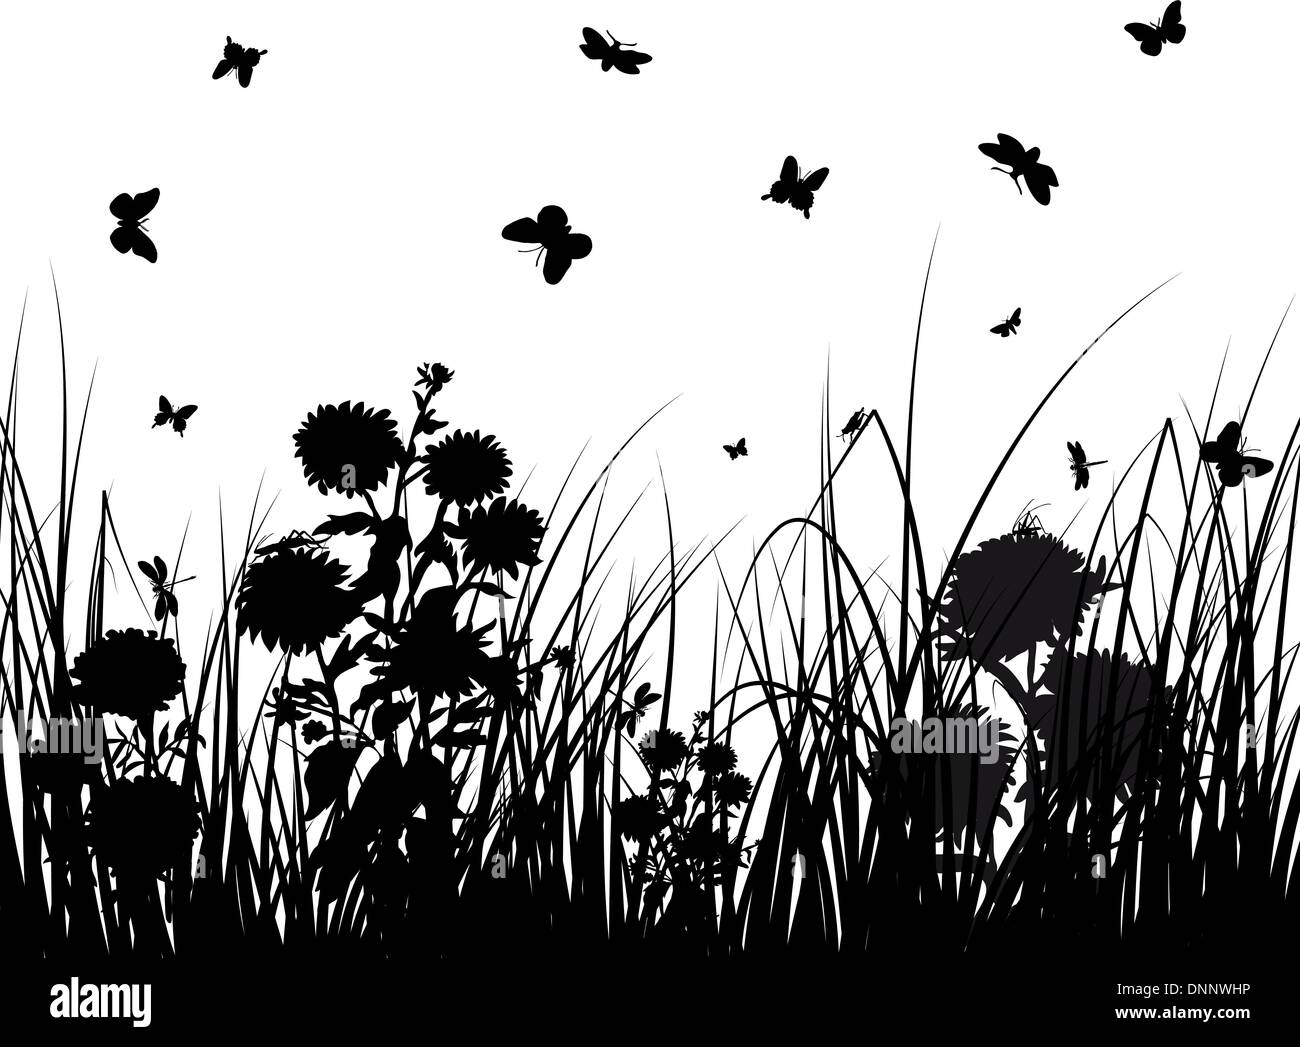 Vektor-Rasen Silhouetten Hintergründe mit SchmetterlingenStock Vektor